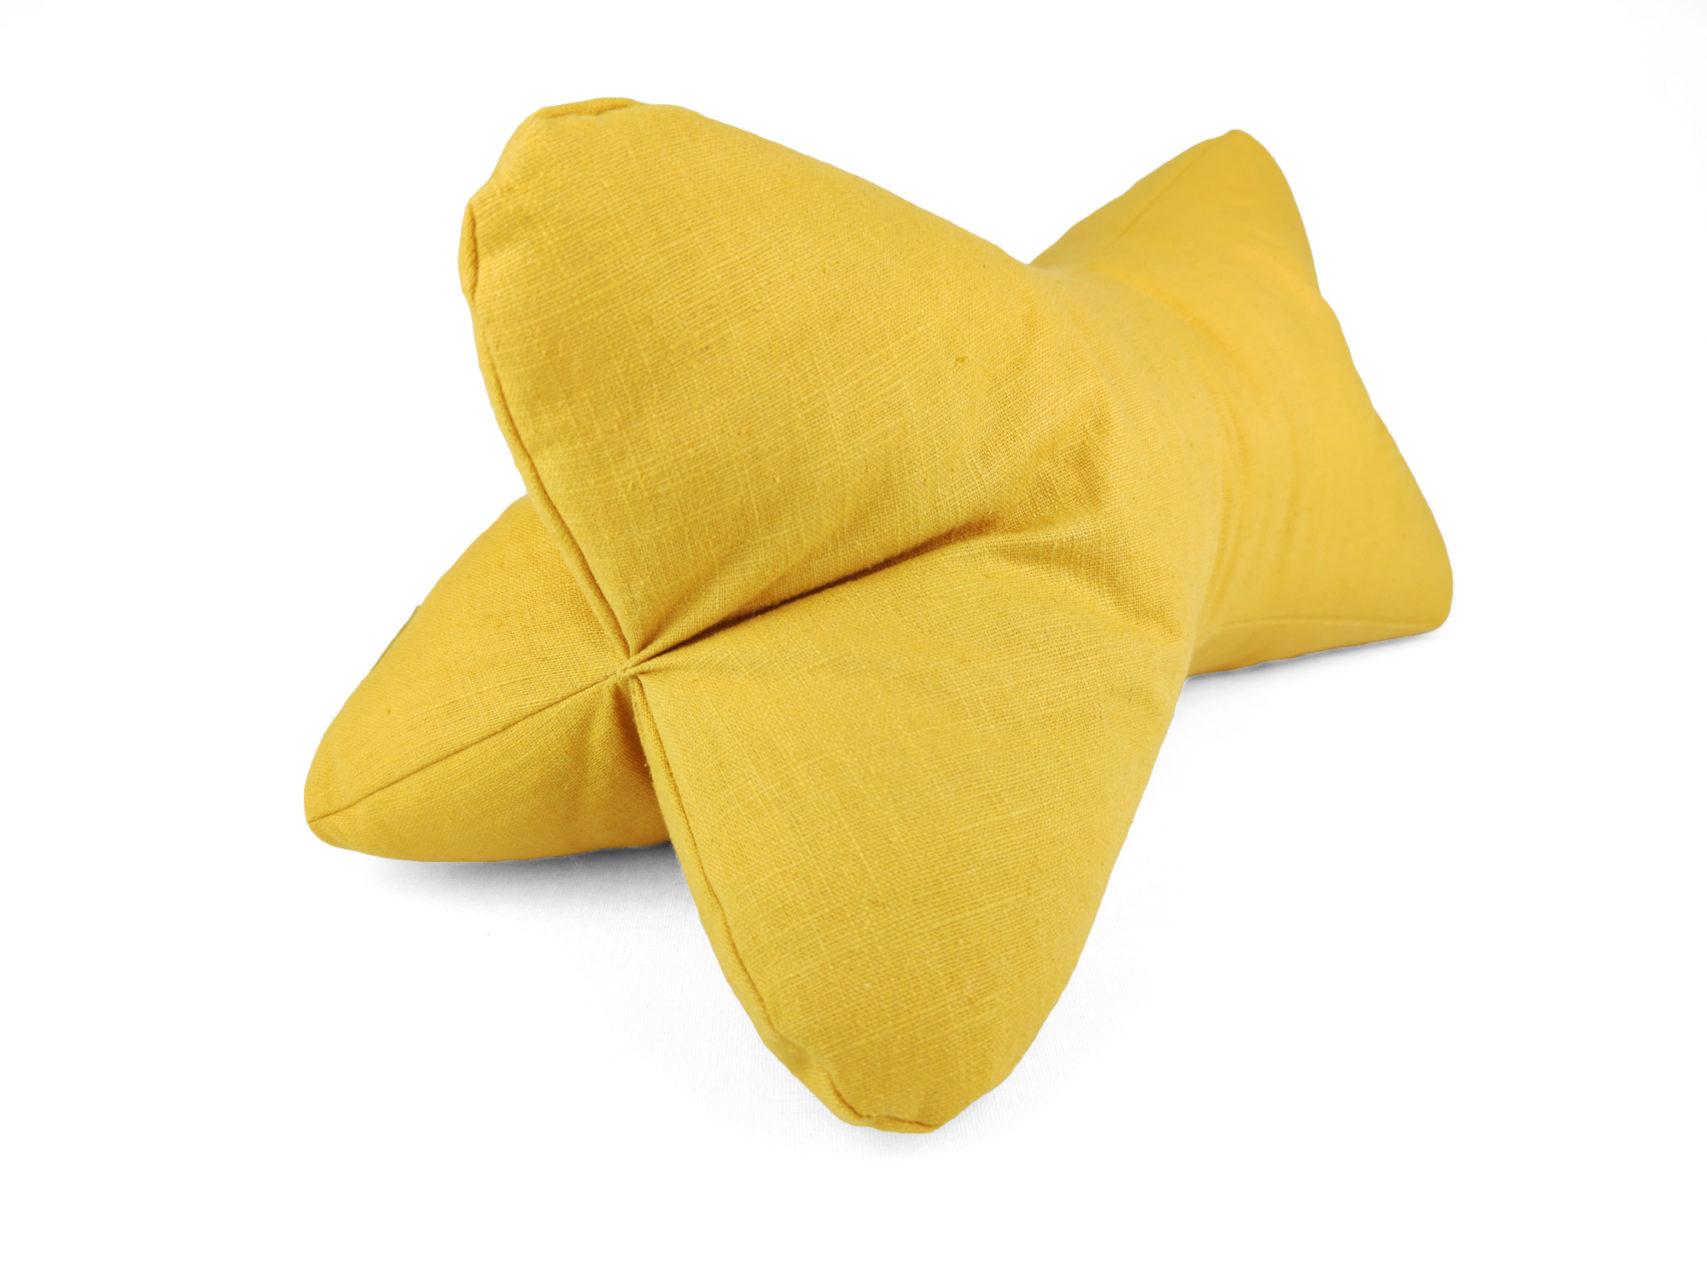 Leseknochen gelb Ramie Leinen